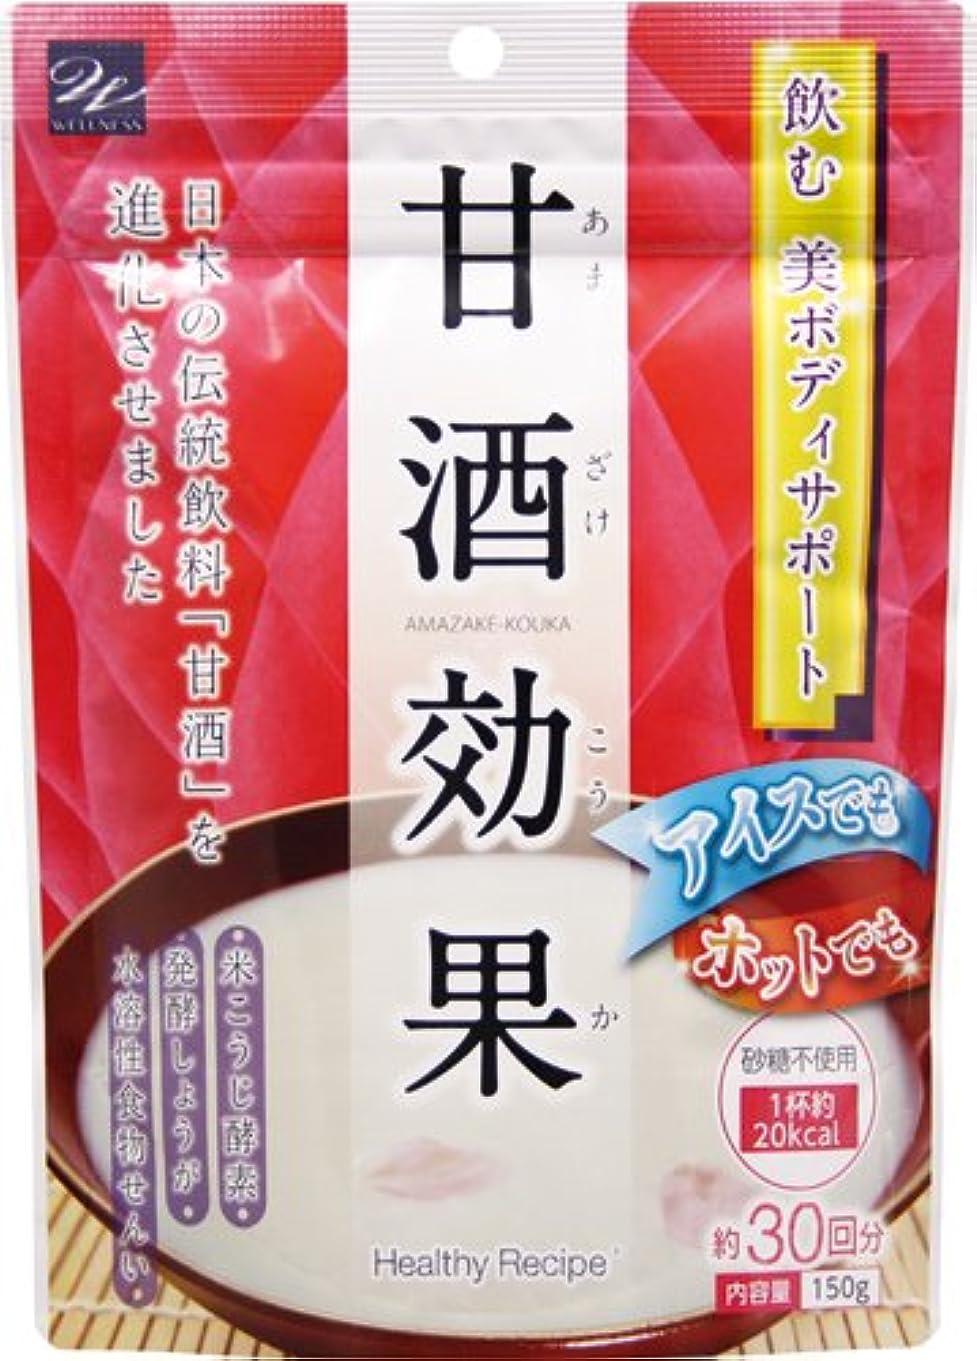 休日に再生的革命的ウエルネス ライフサイエンス 甘酒効果 150g